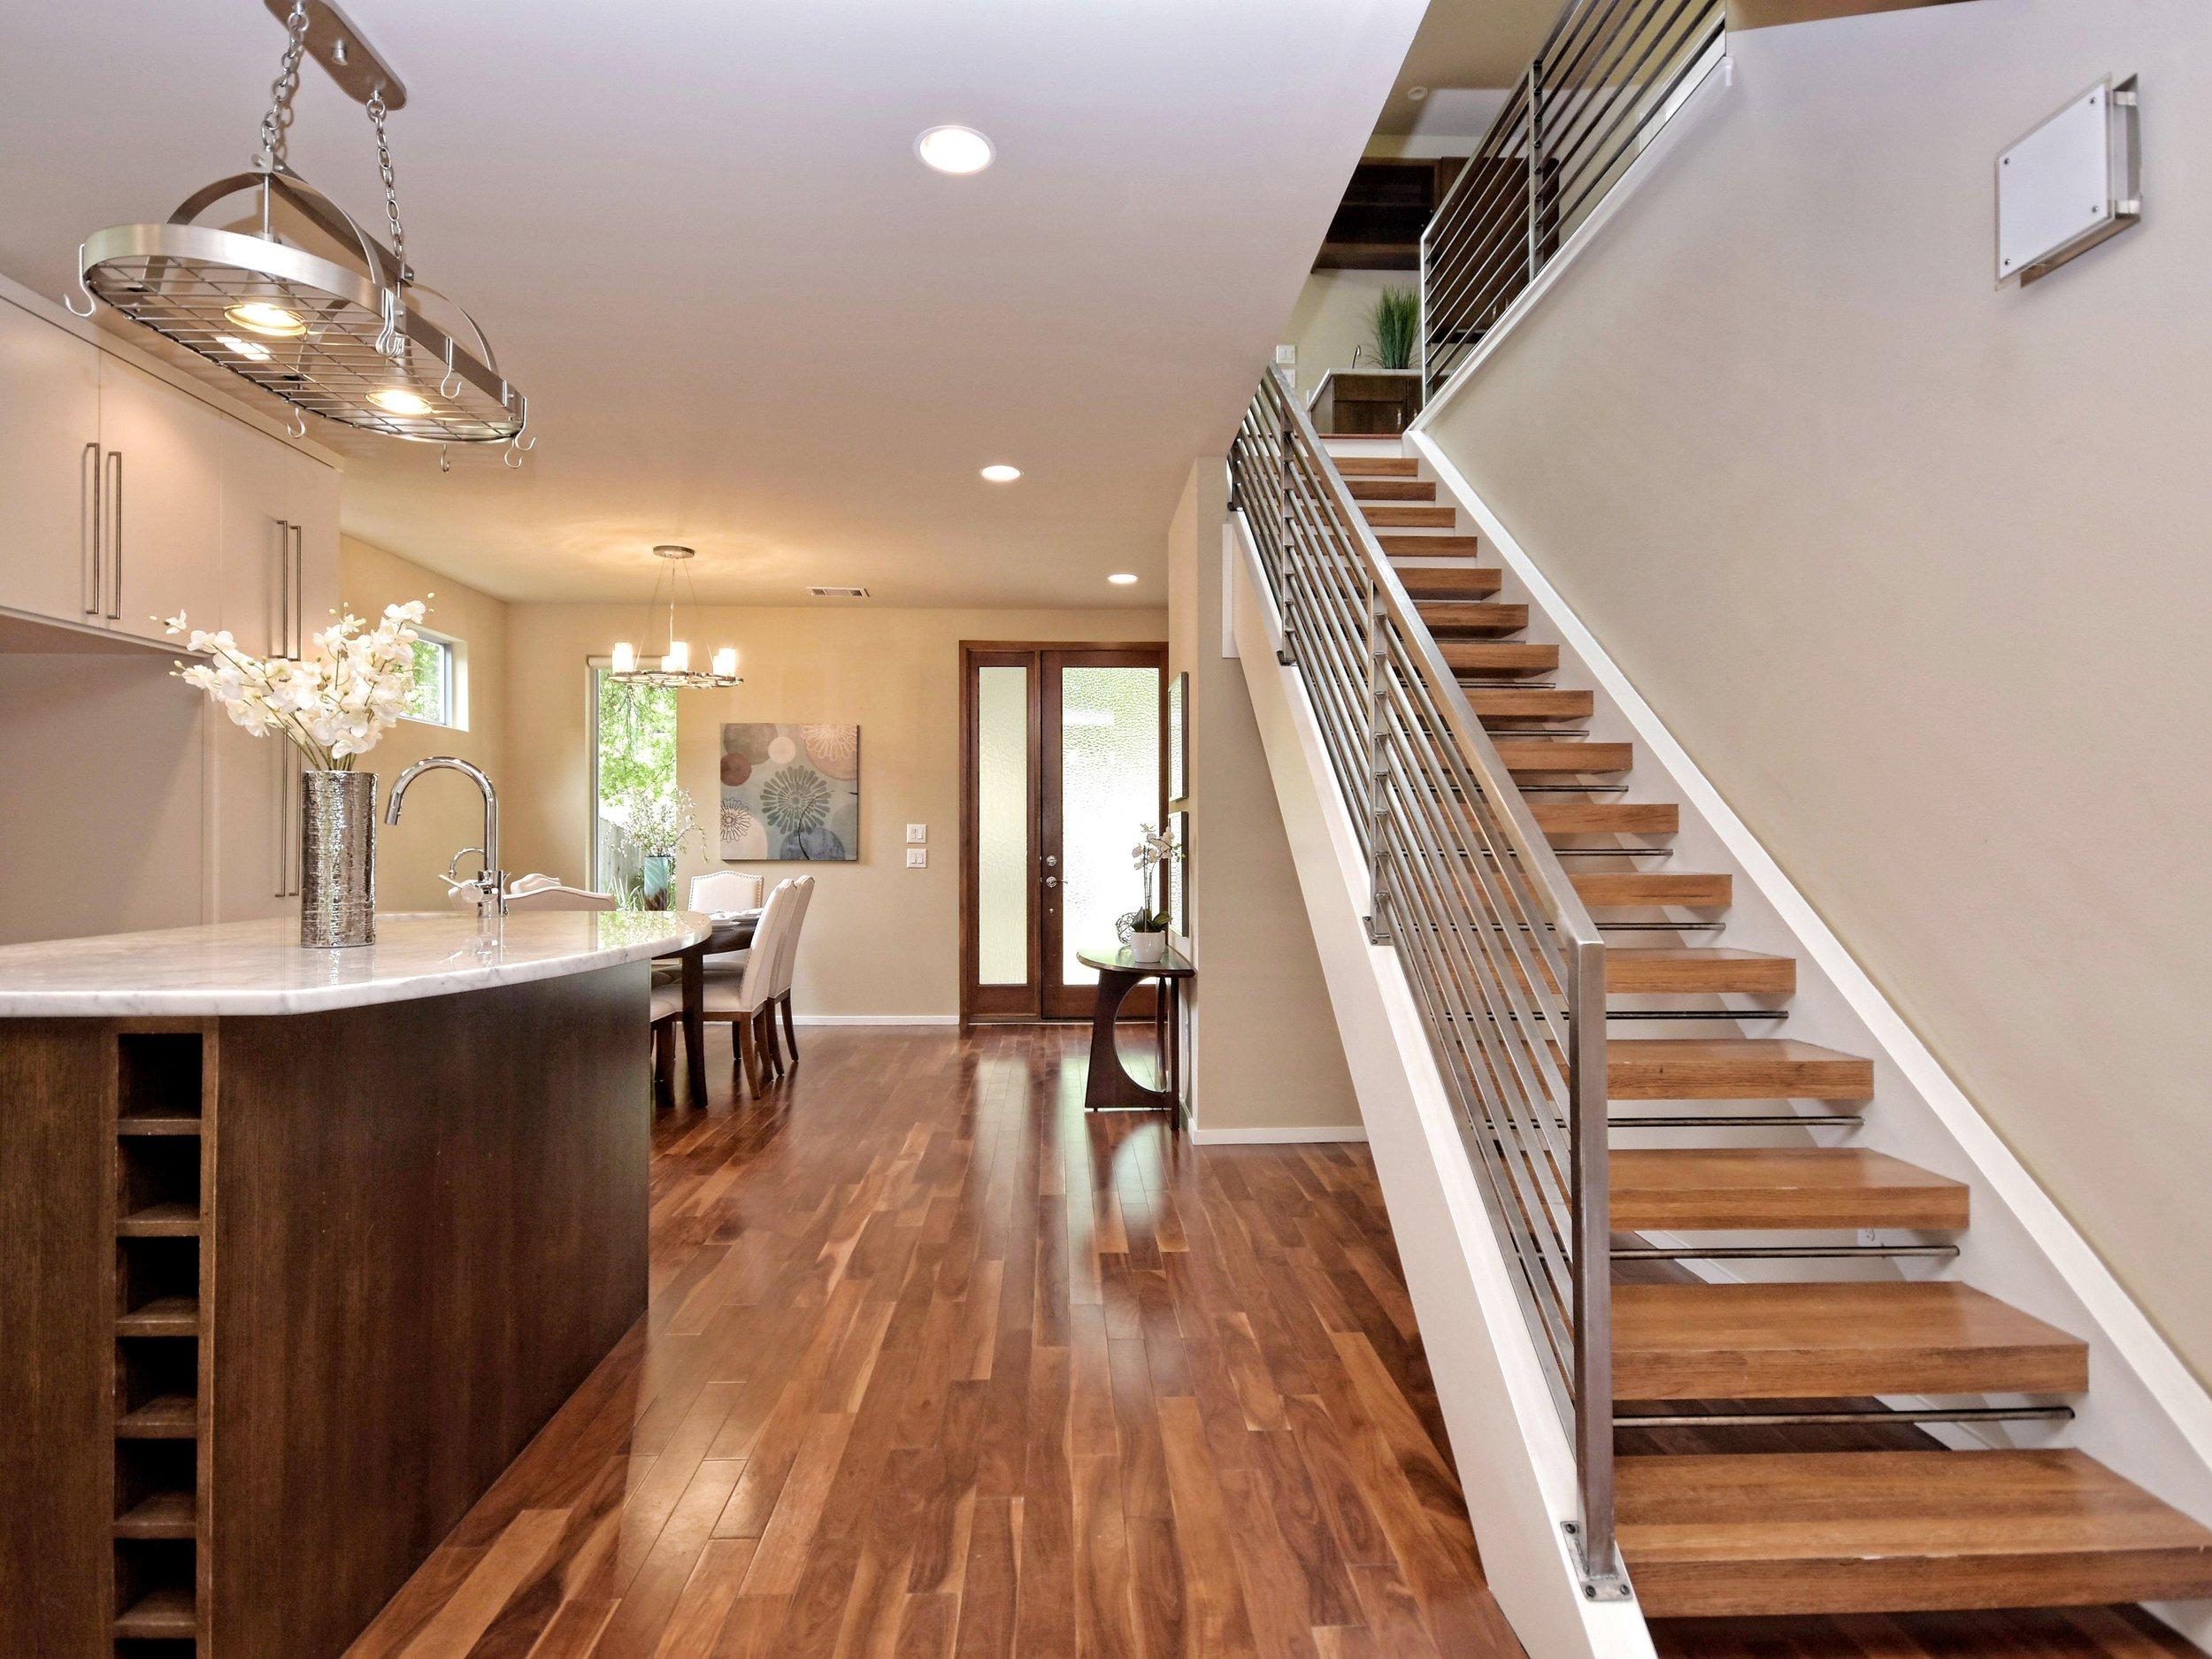 004_Foyer-Stairs.jpg